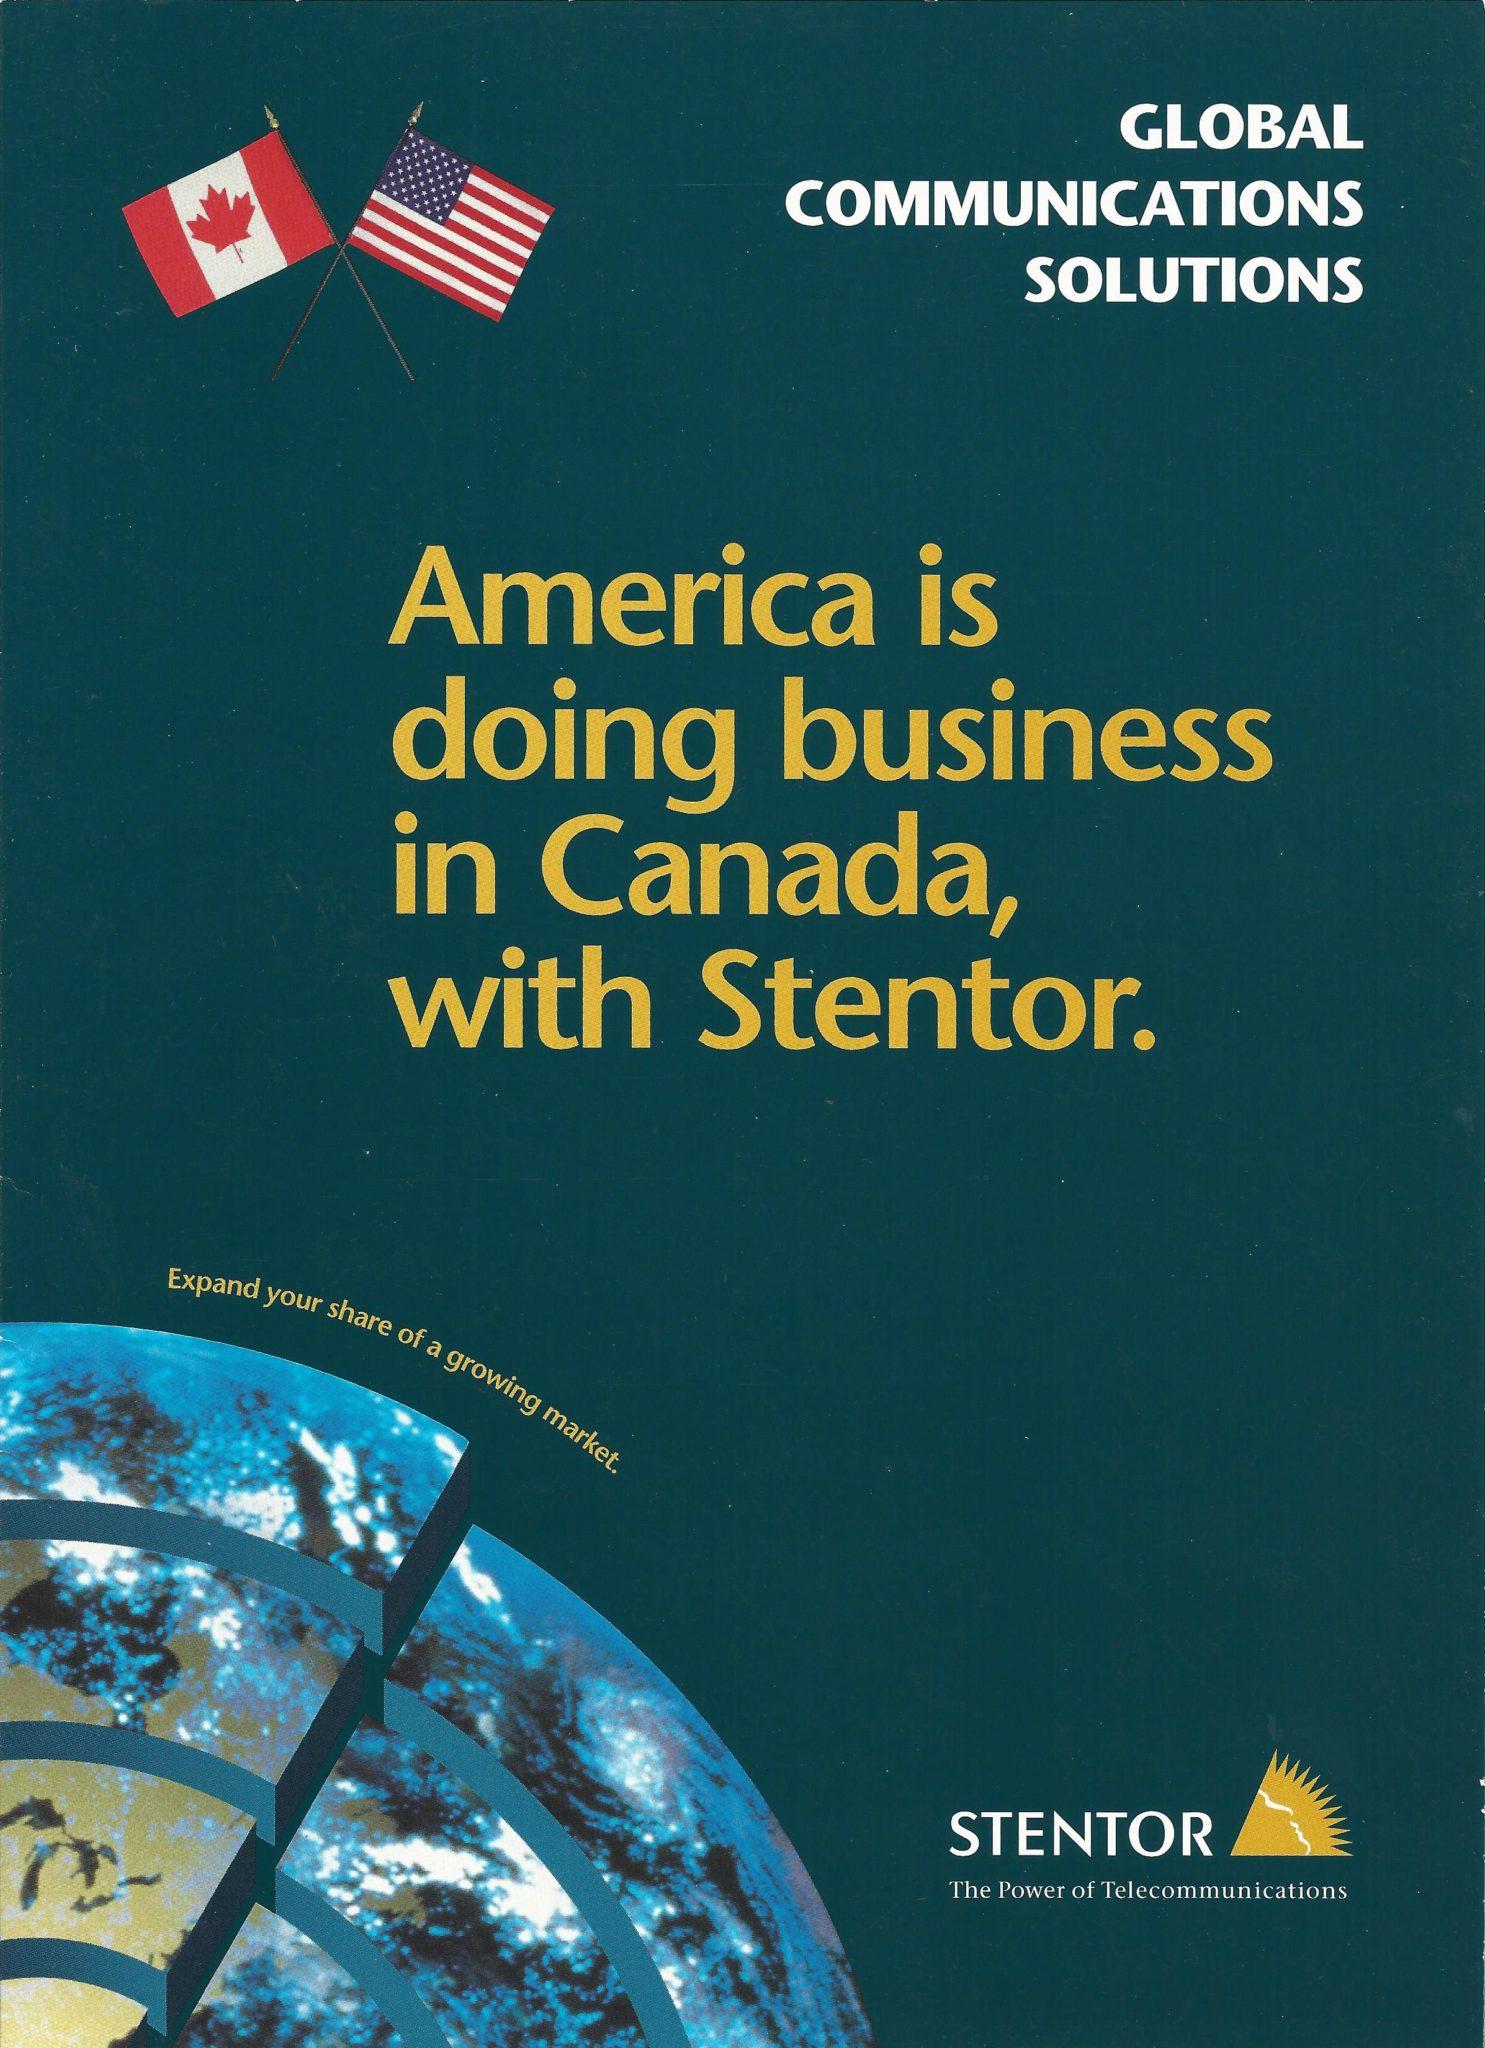 Stentor - B2B technology copywriter Alan Sharpe | HubSpot